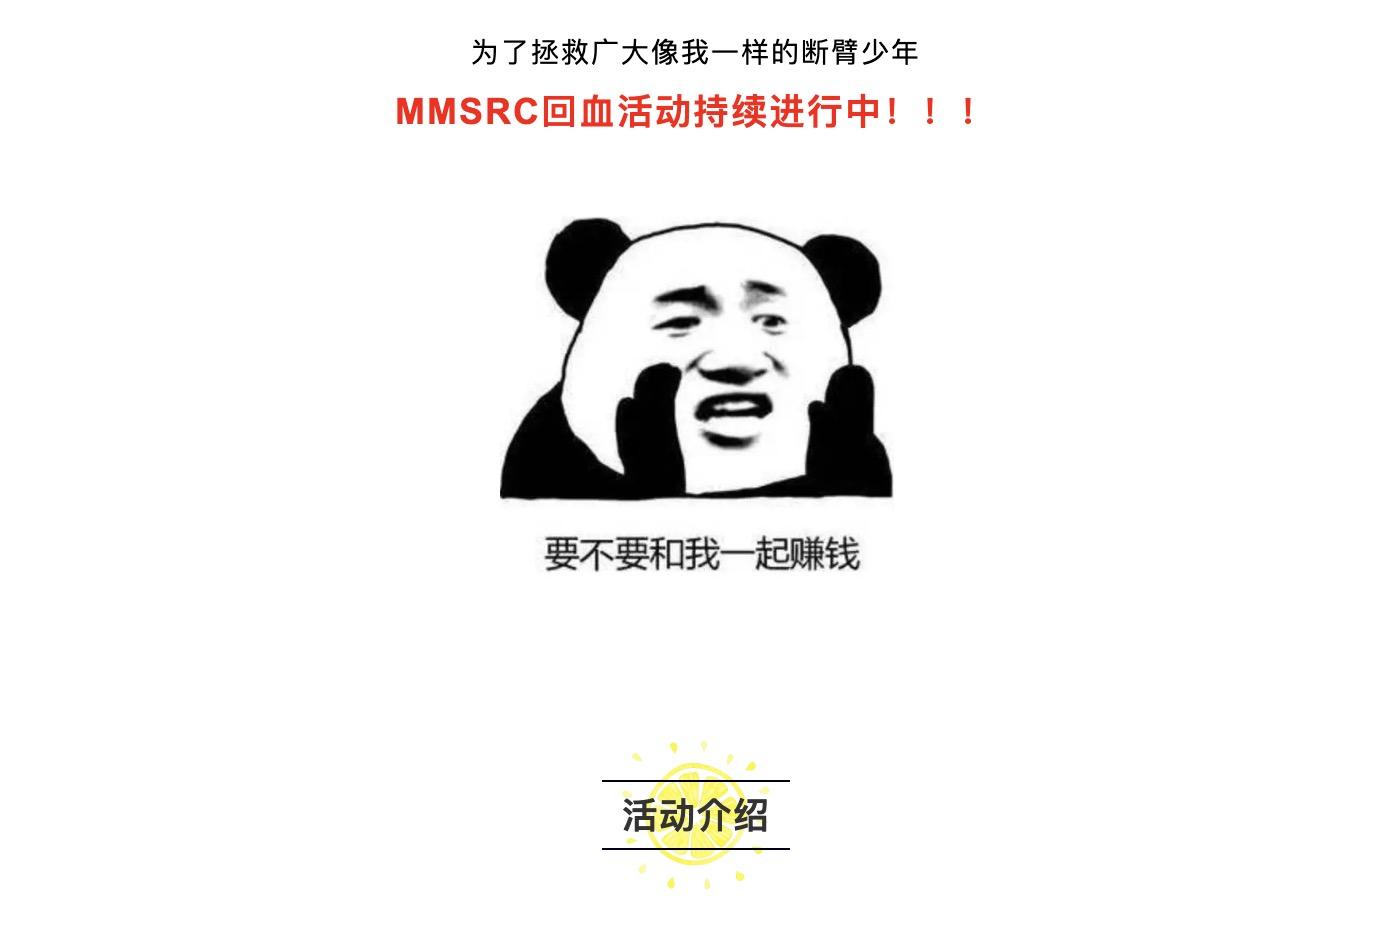 https://momo-mmsrc.oss-cn-hangzhou.aliyuncs.com/img-96098bef-a2df-3027-8b5d-d65fe34ec0ed.jpeg